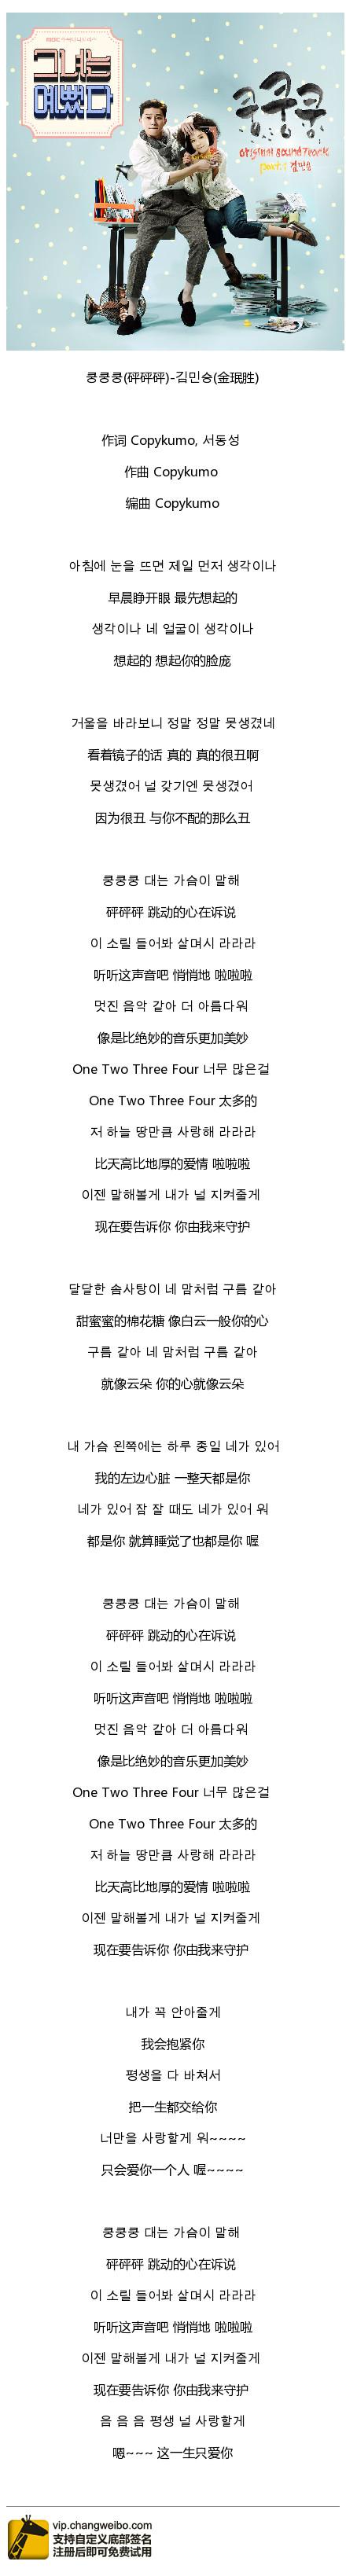 米老鼠之歌-欢乐儿童节(MP3歌词/LRC歌词) lrc歌词下载 第3张